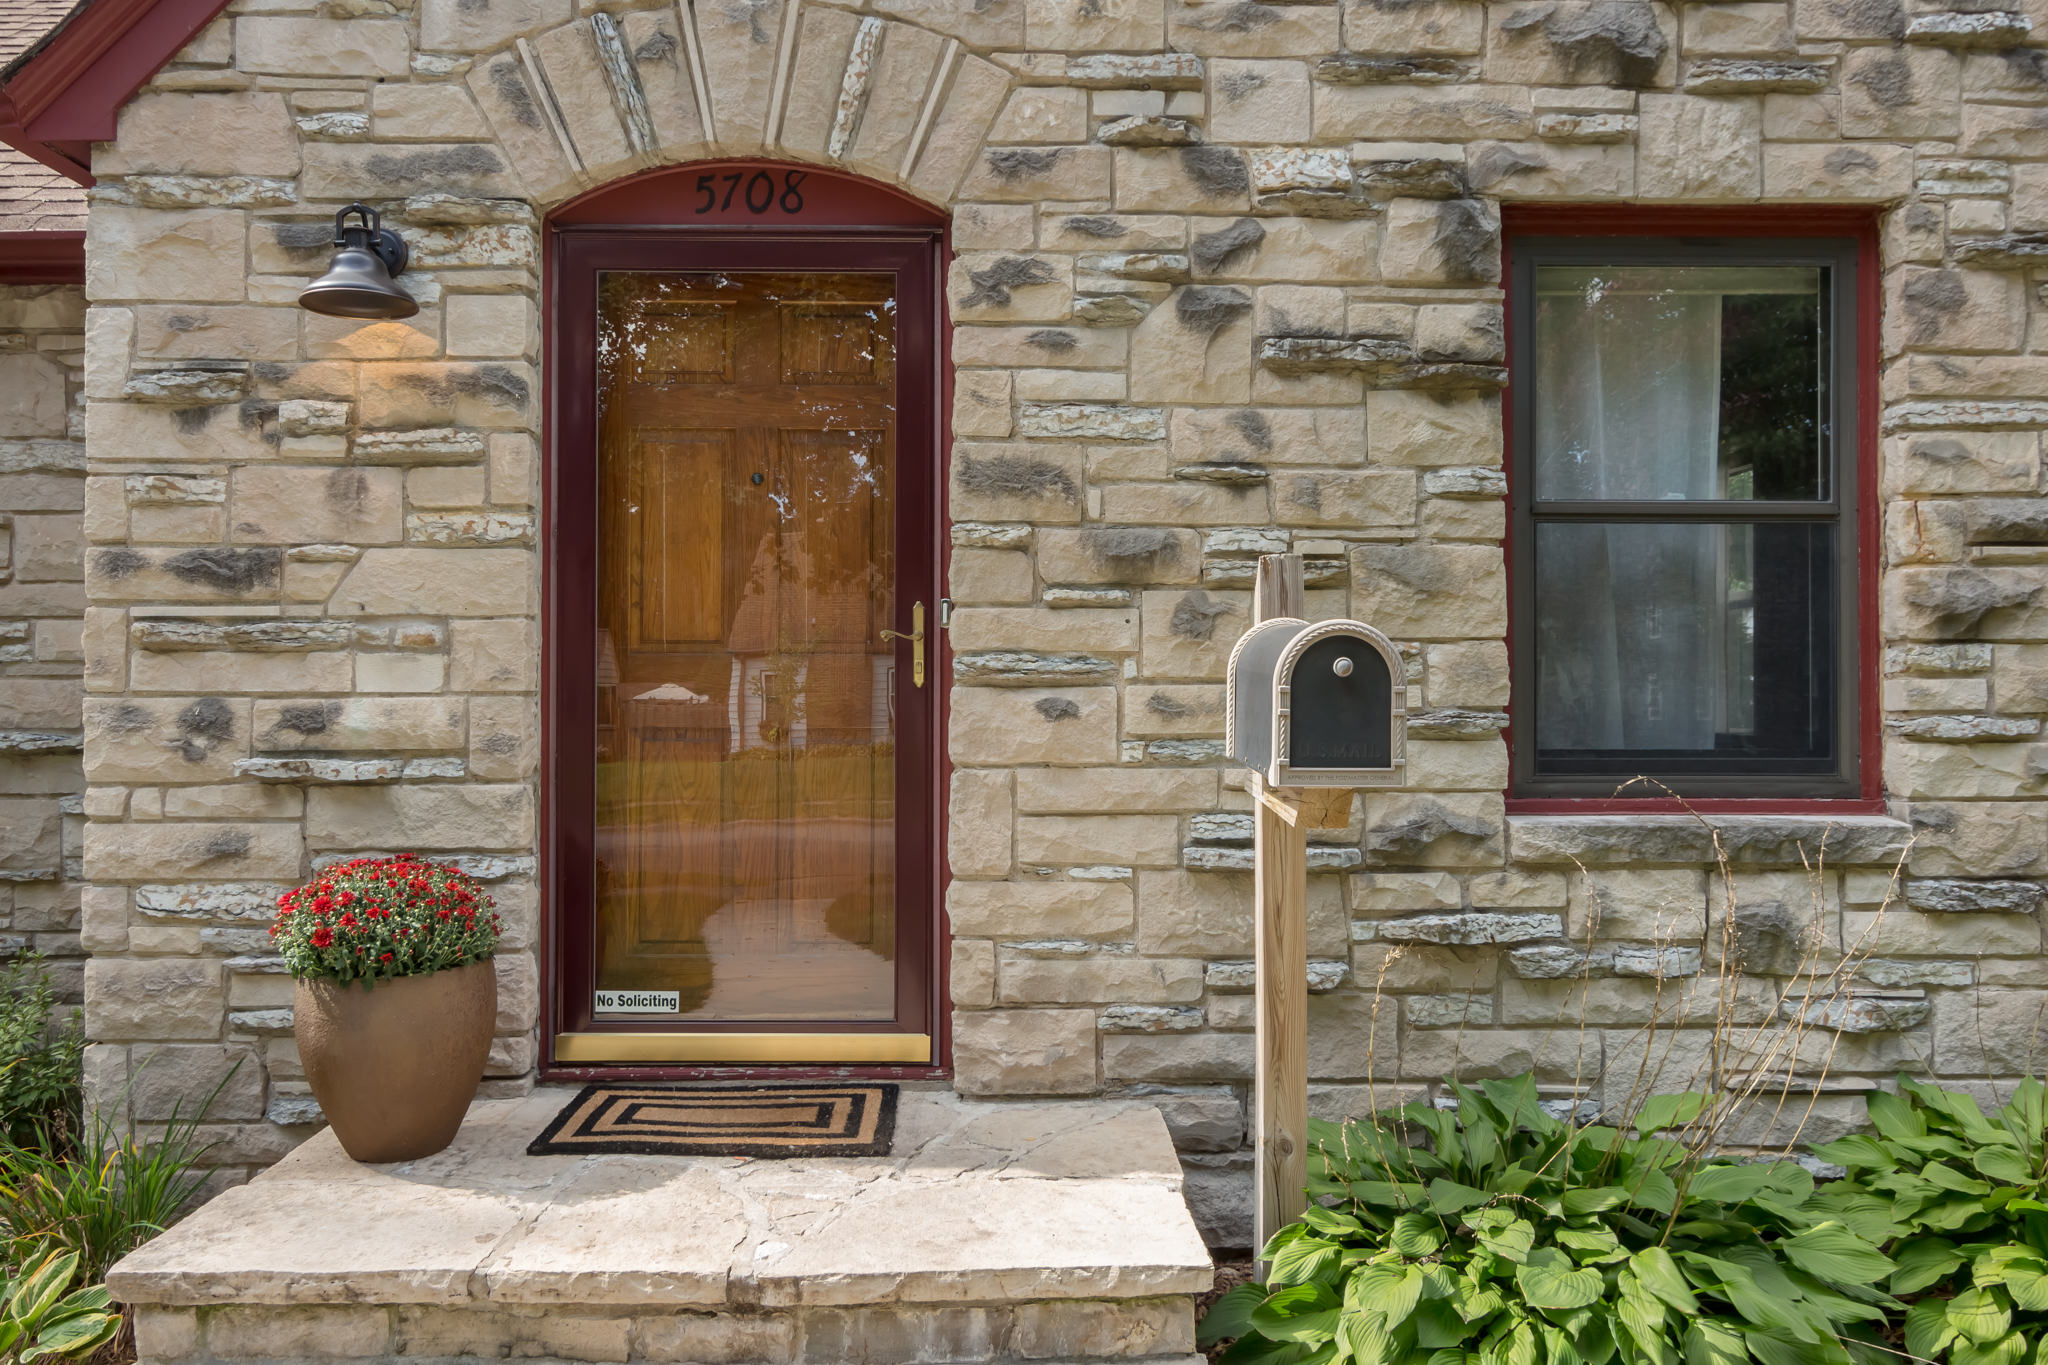 5708 Elliot Ave (Exteriors)-3.JPG